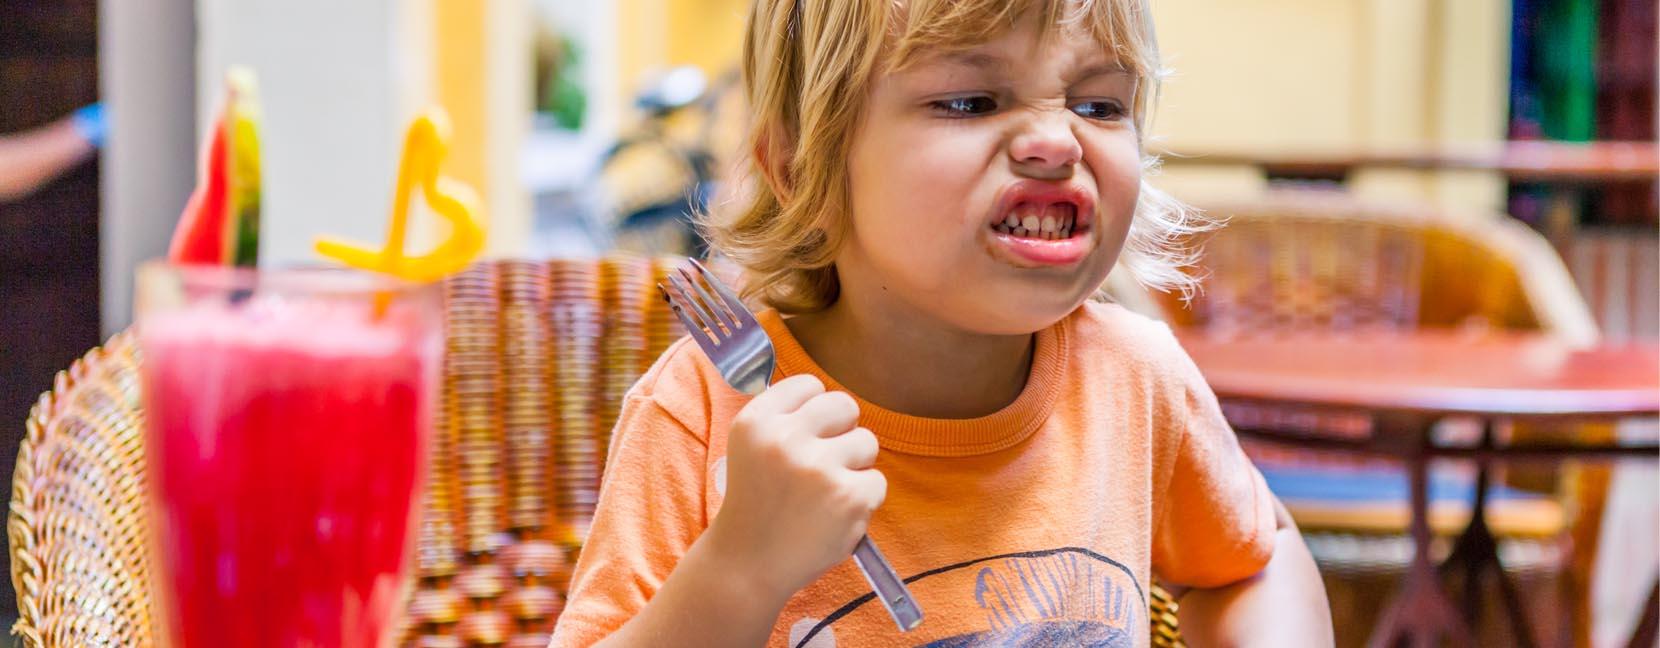 Bambino arrabbiato stringe in mano una forchetta minaccioso